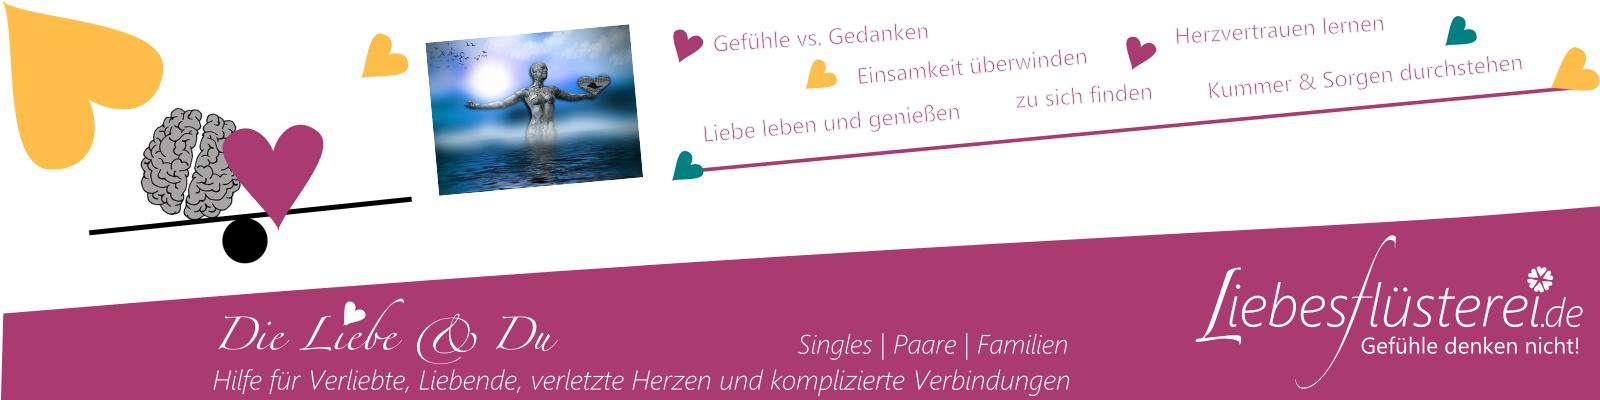 Zwillingsflammen-Dating-WebsiteOhio freie Dating-Website